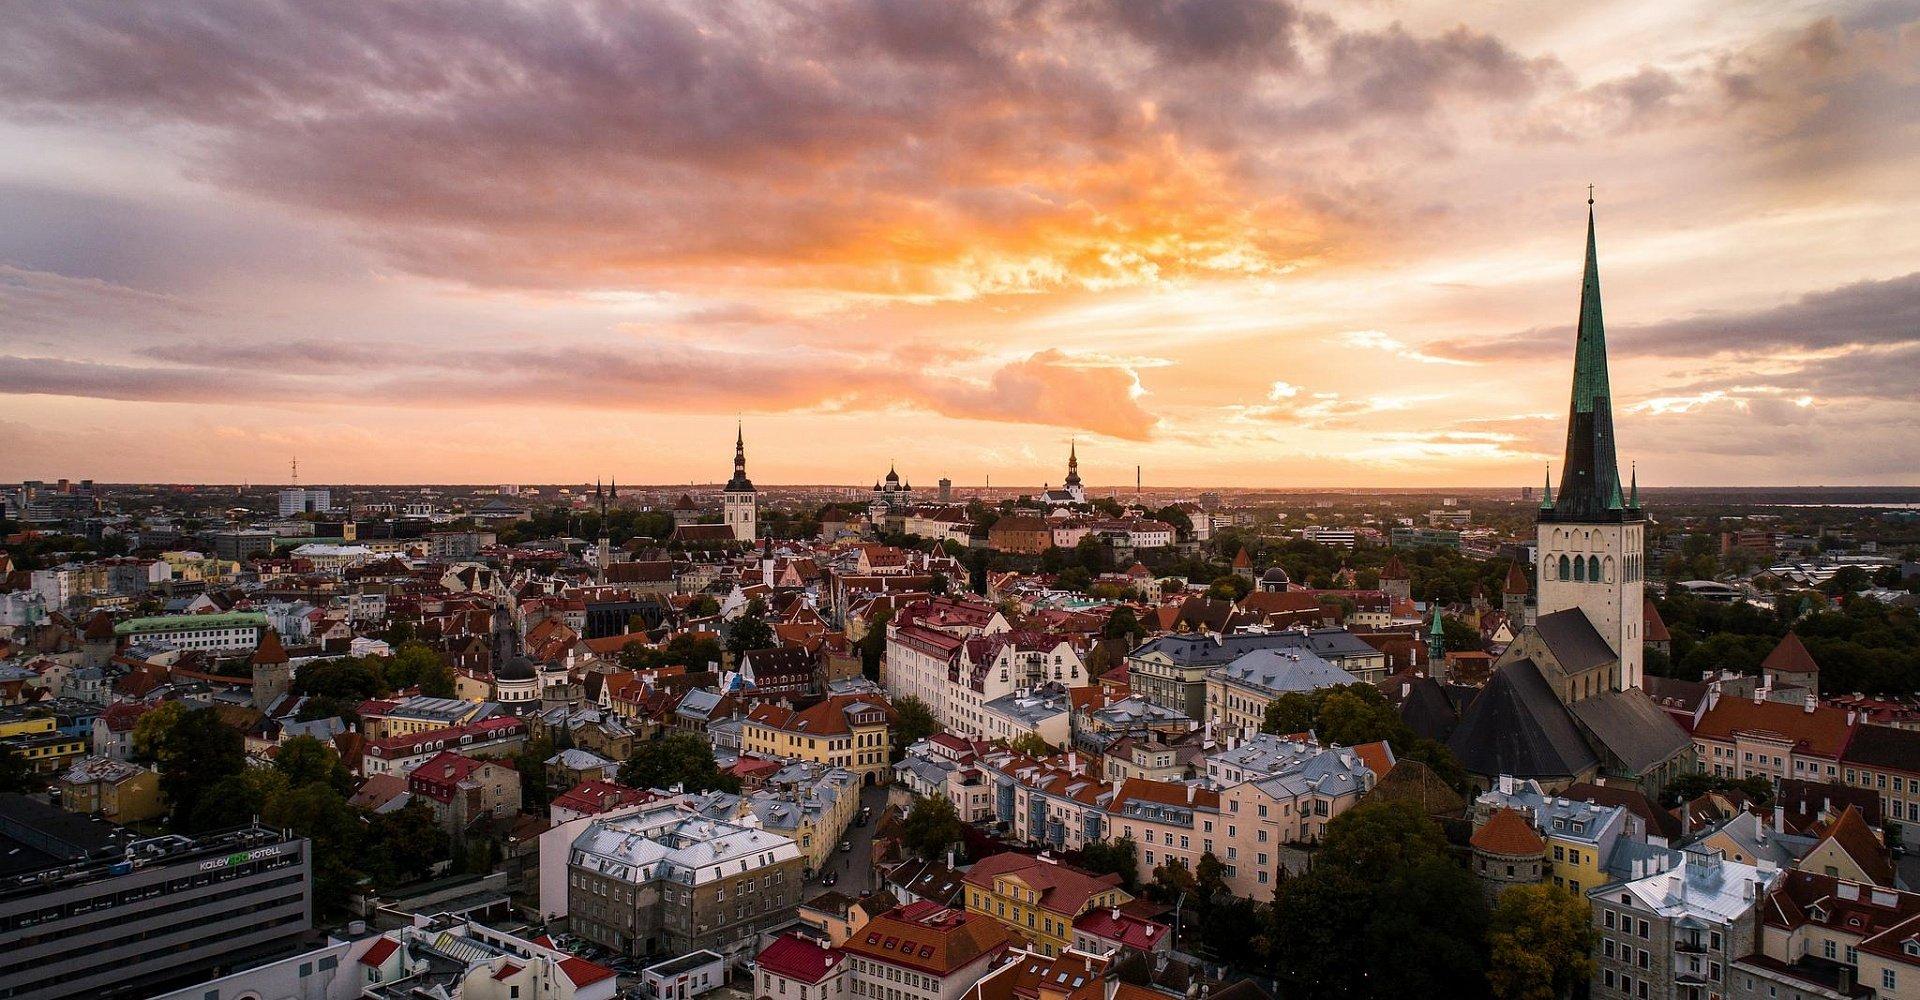 Таллин - Путешествуем по Эстонии